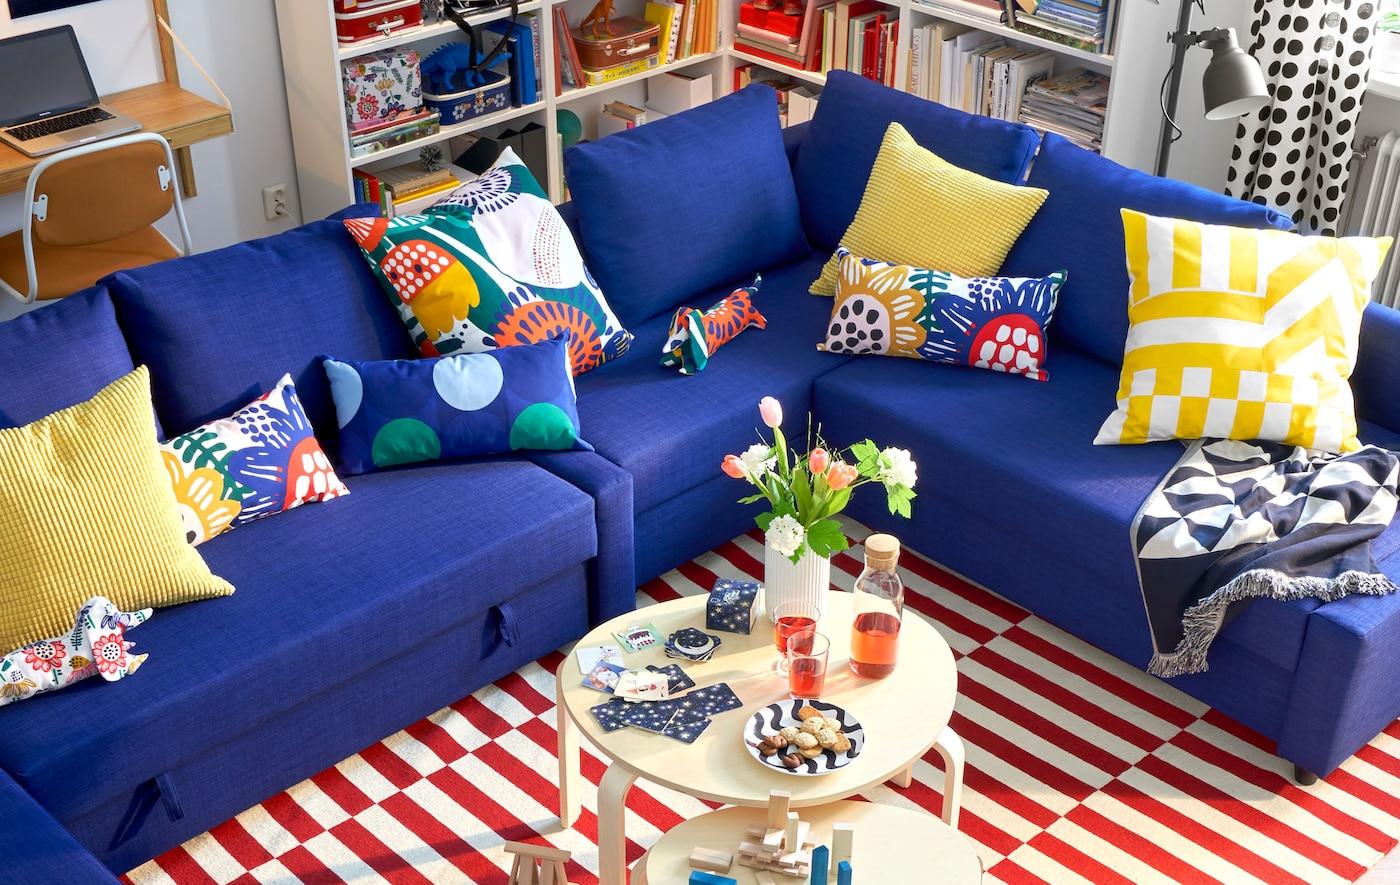 Sofá de esquina azul con cojines de colores, dos mesas de centro redondas y una alfombra de rayas.